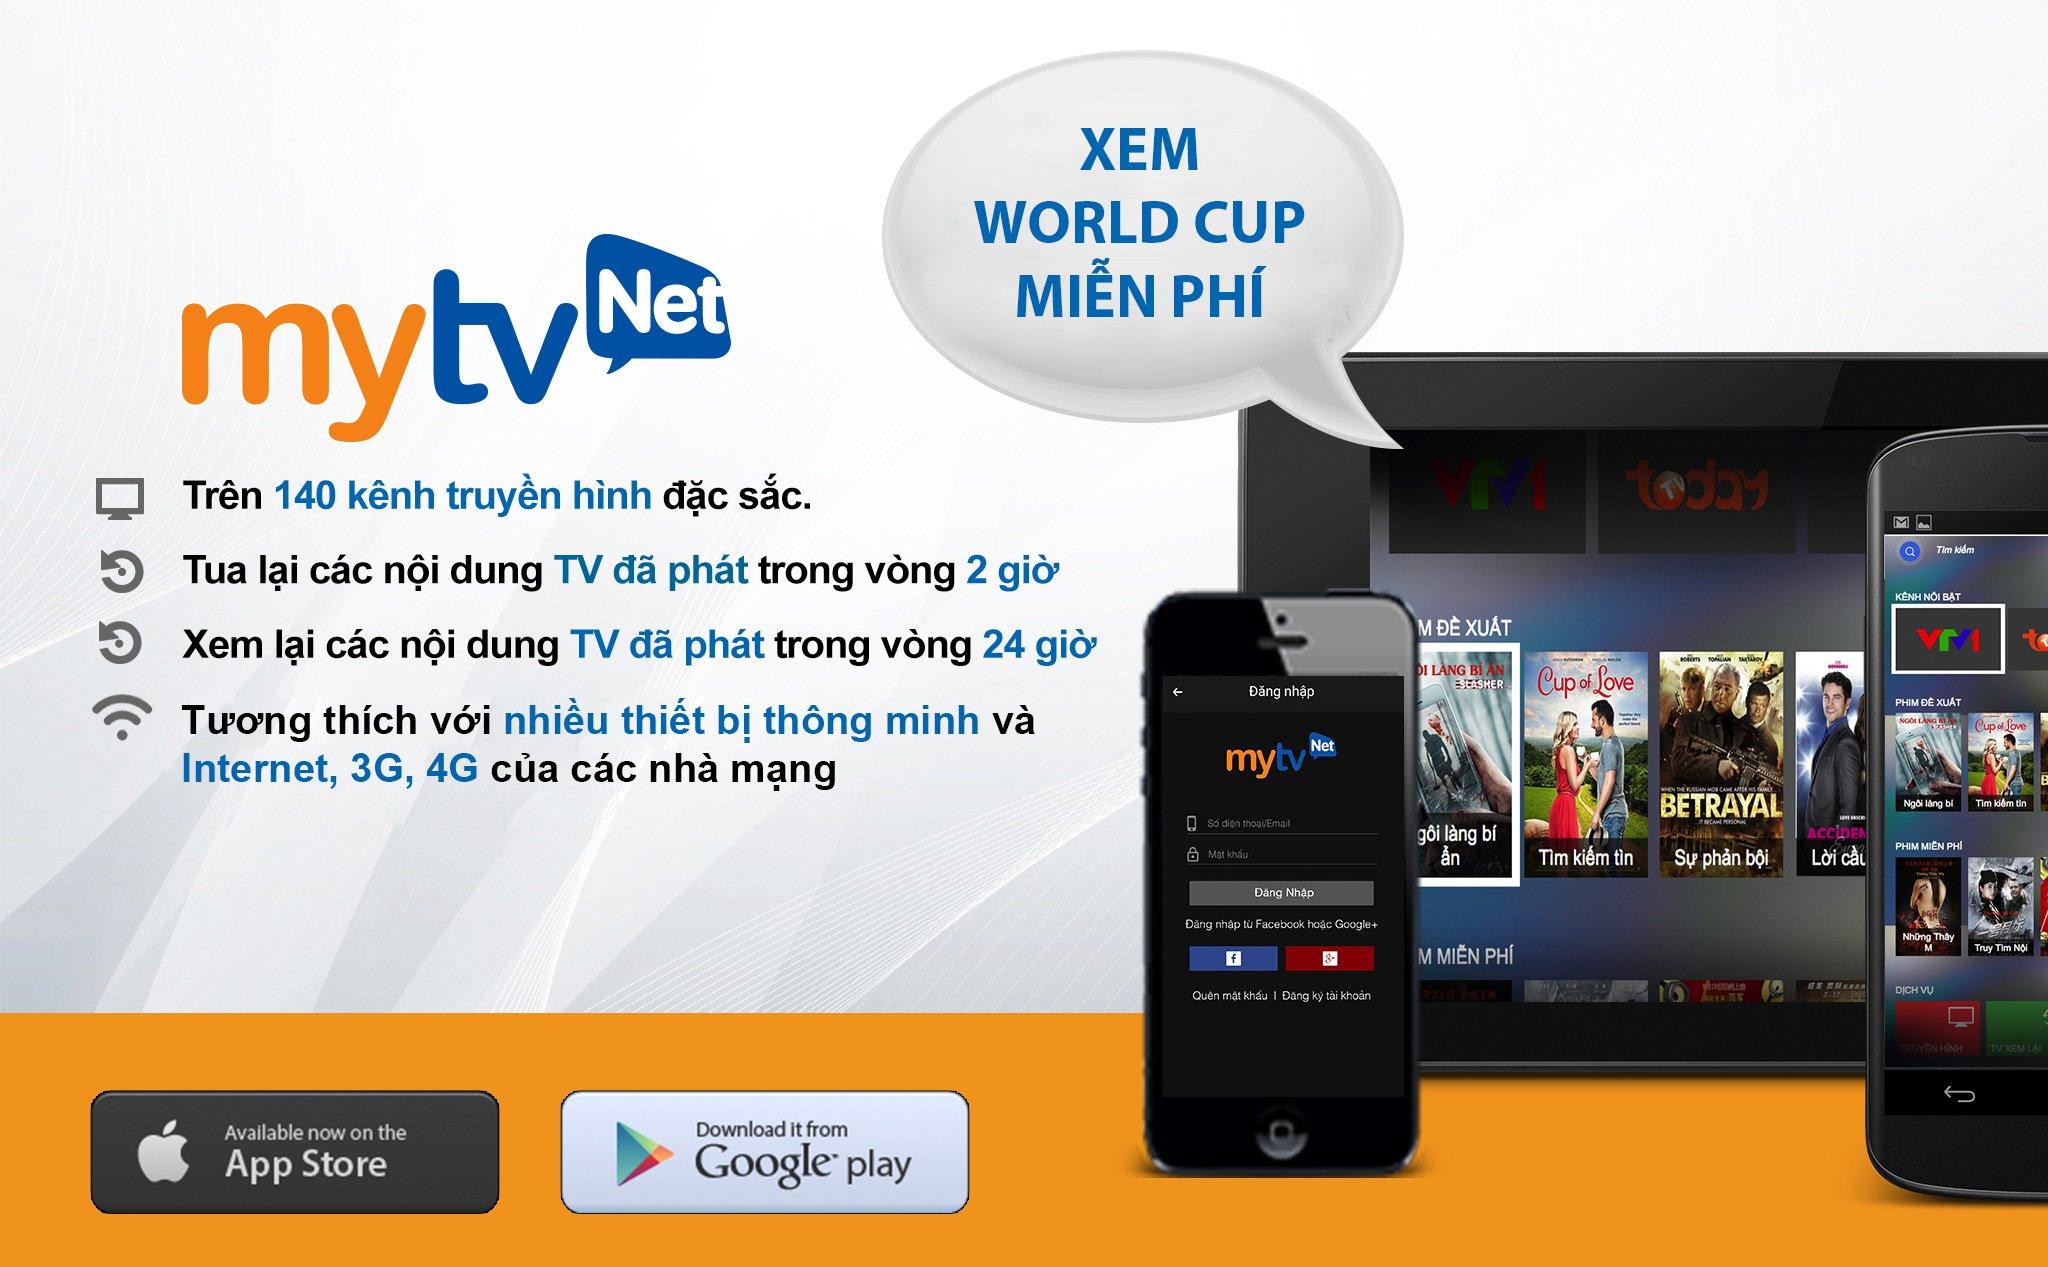 Chào đón những sự thay đổi lớn của truyền hình MyTV